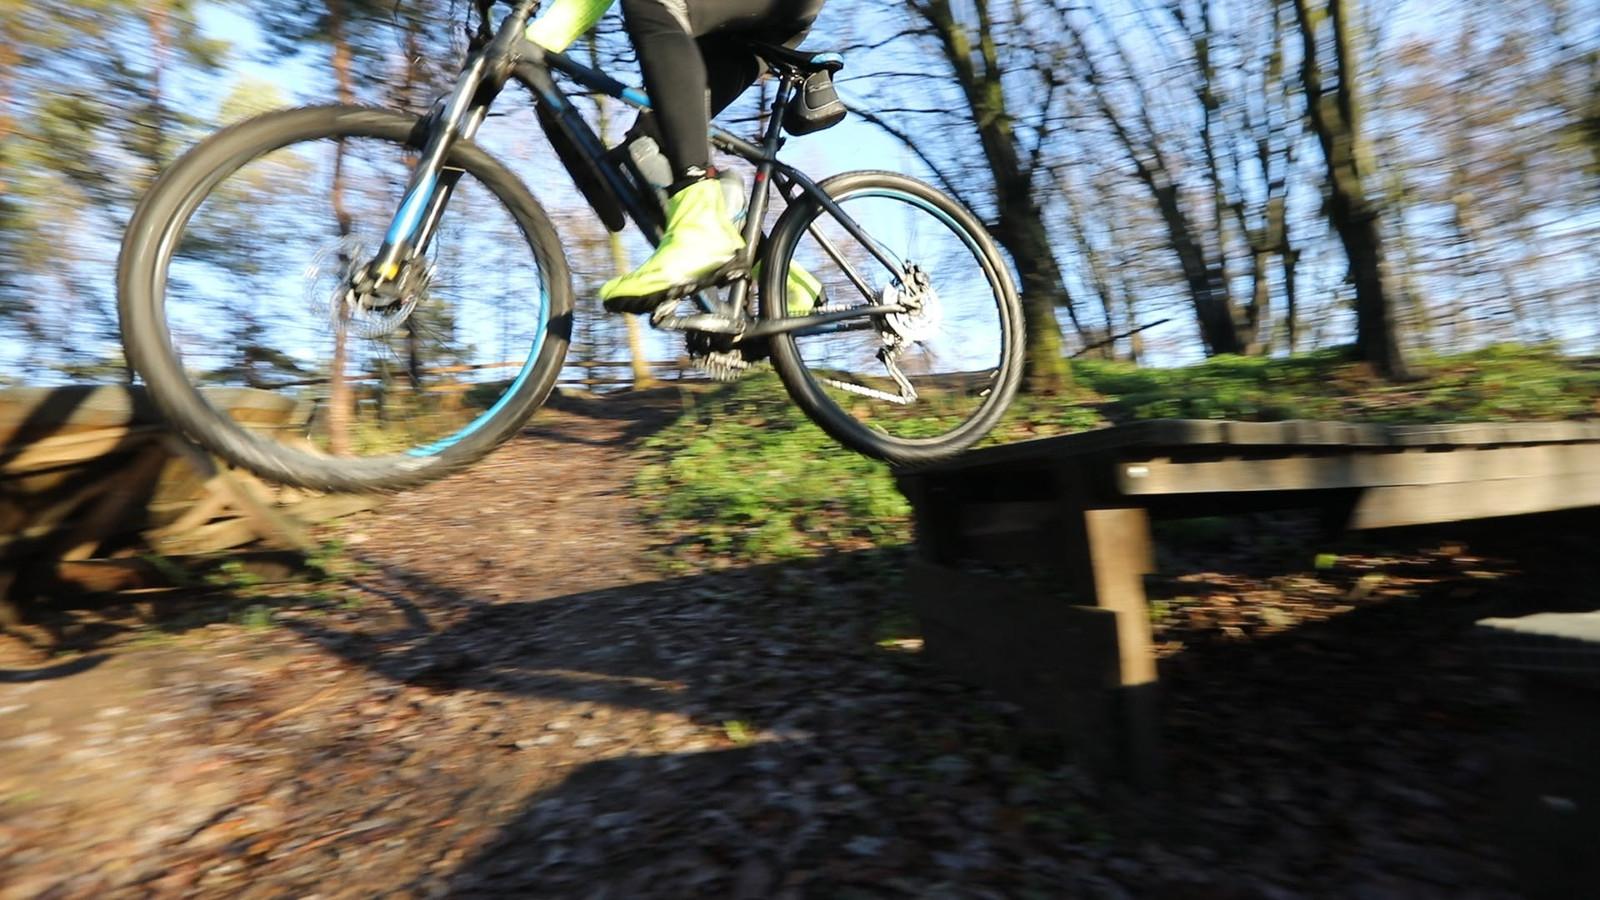 Mountainbikeclub ATB Vessem houdt een MTB-tocht waarvan de volledige opbrengst ten goede komt aan KiKa.